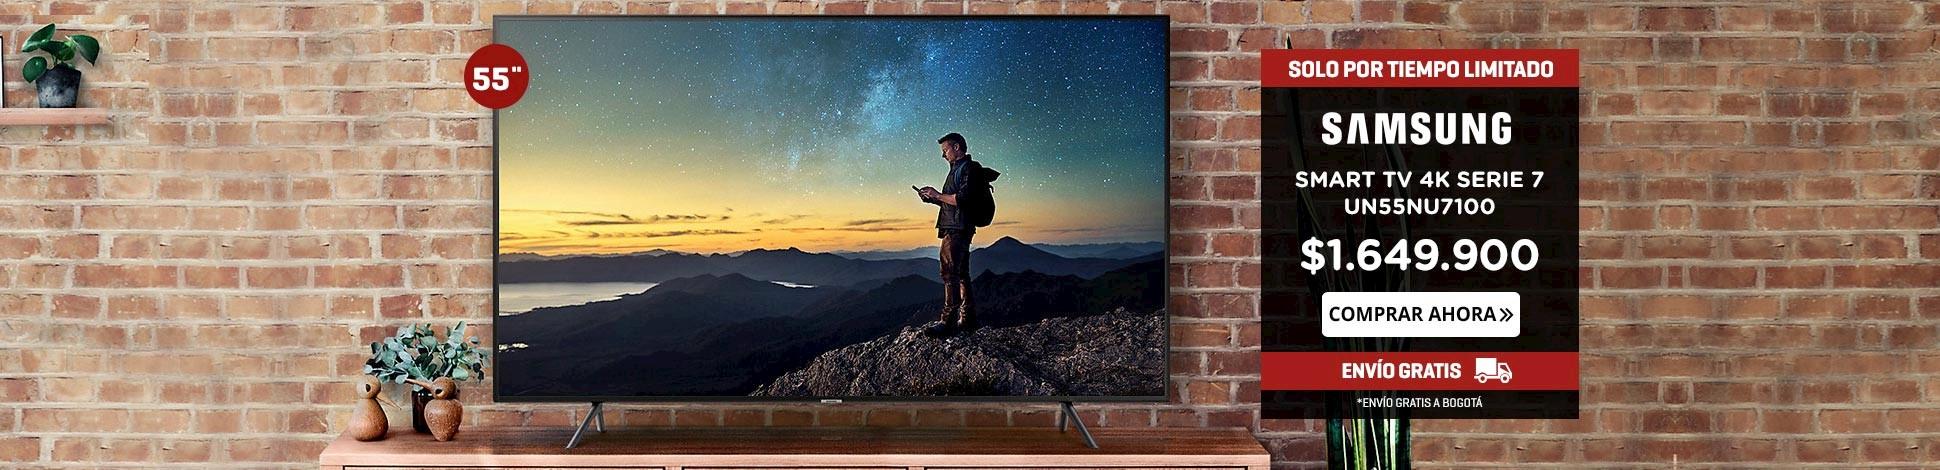 HS-Samsung-TV55 (2).jpg